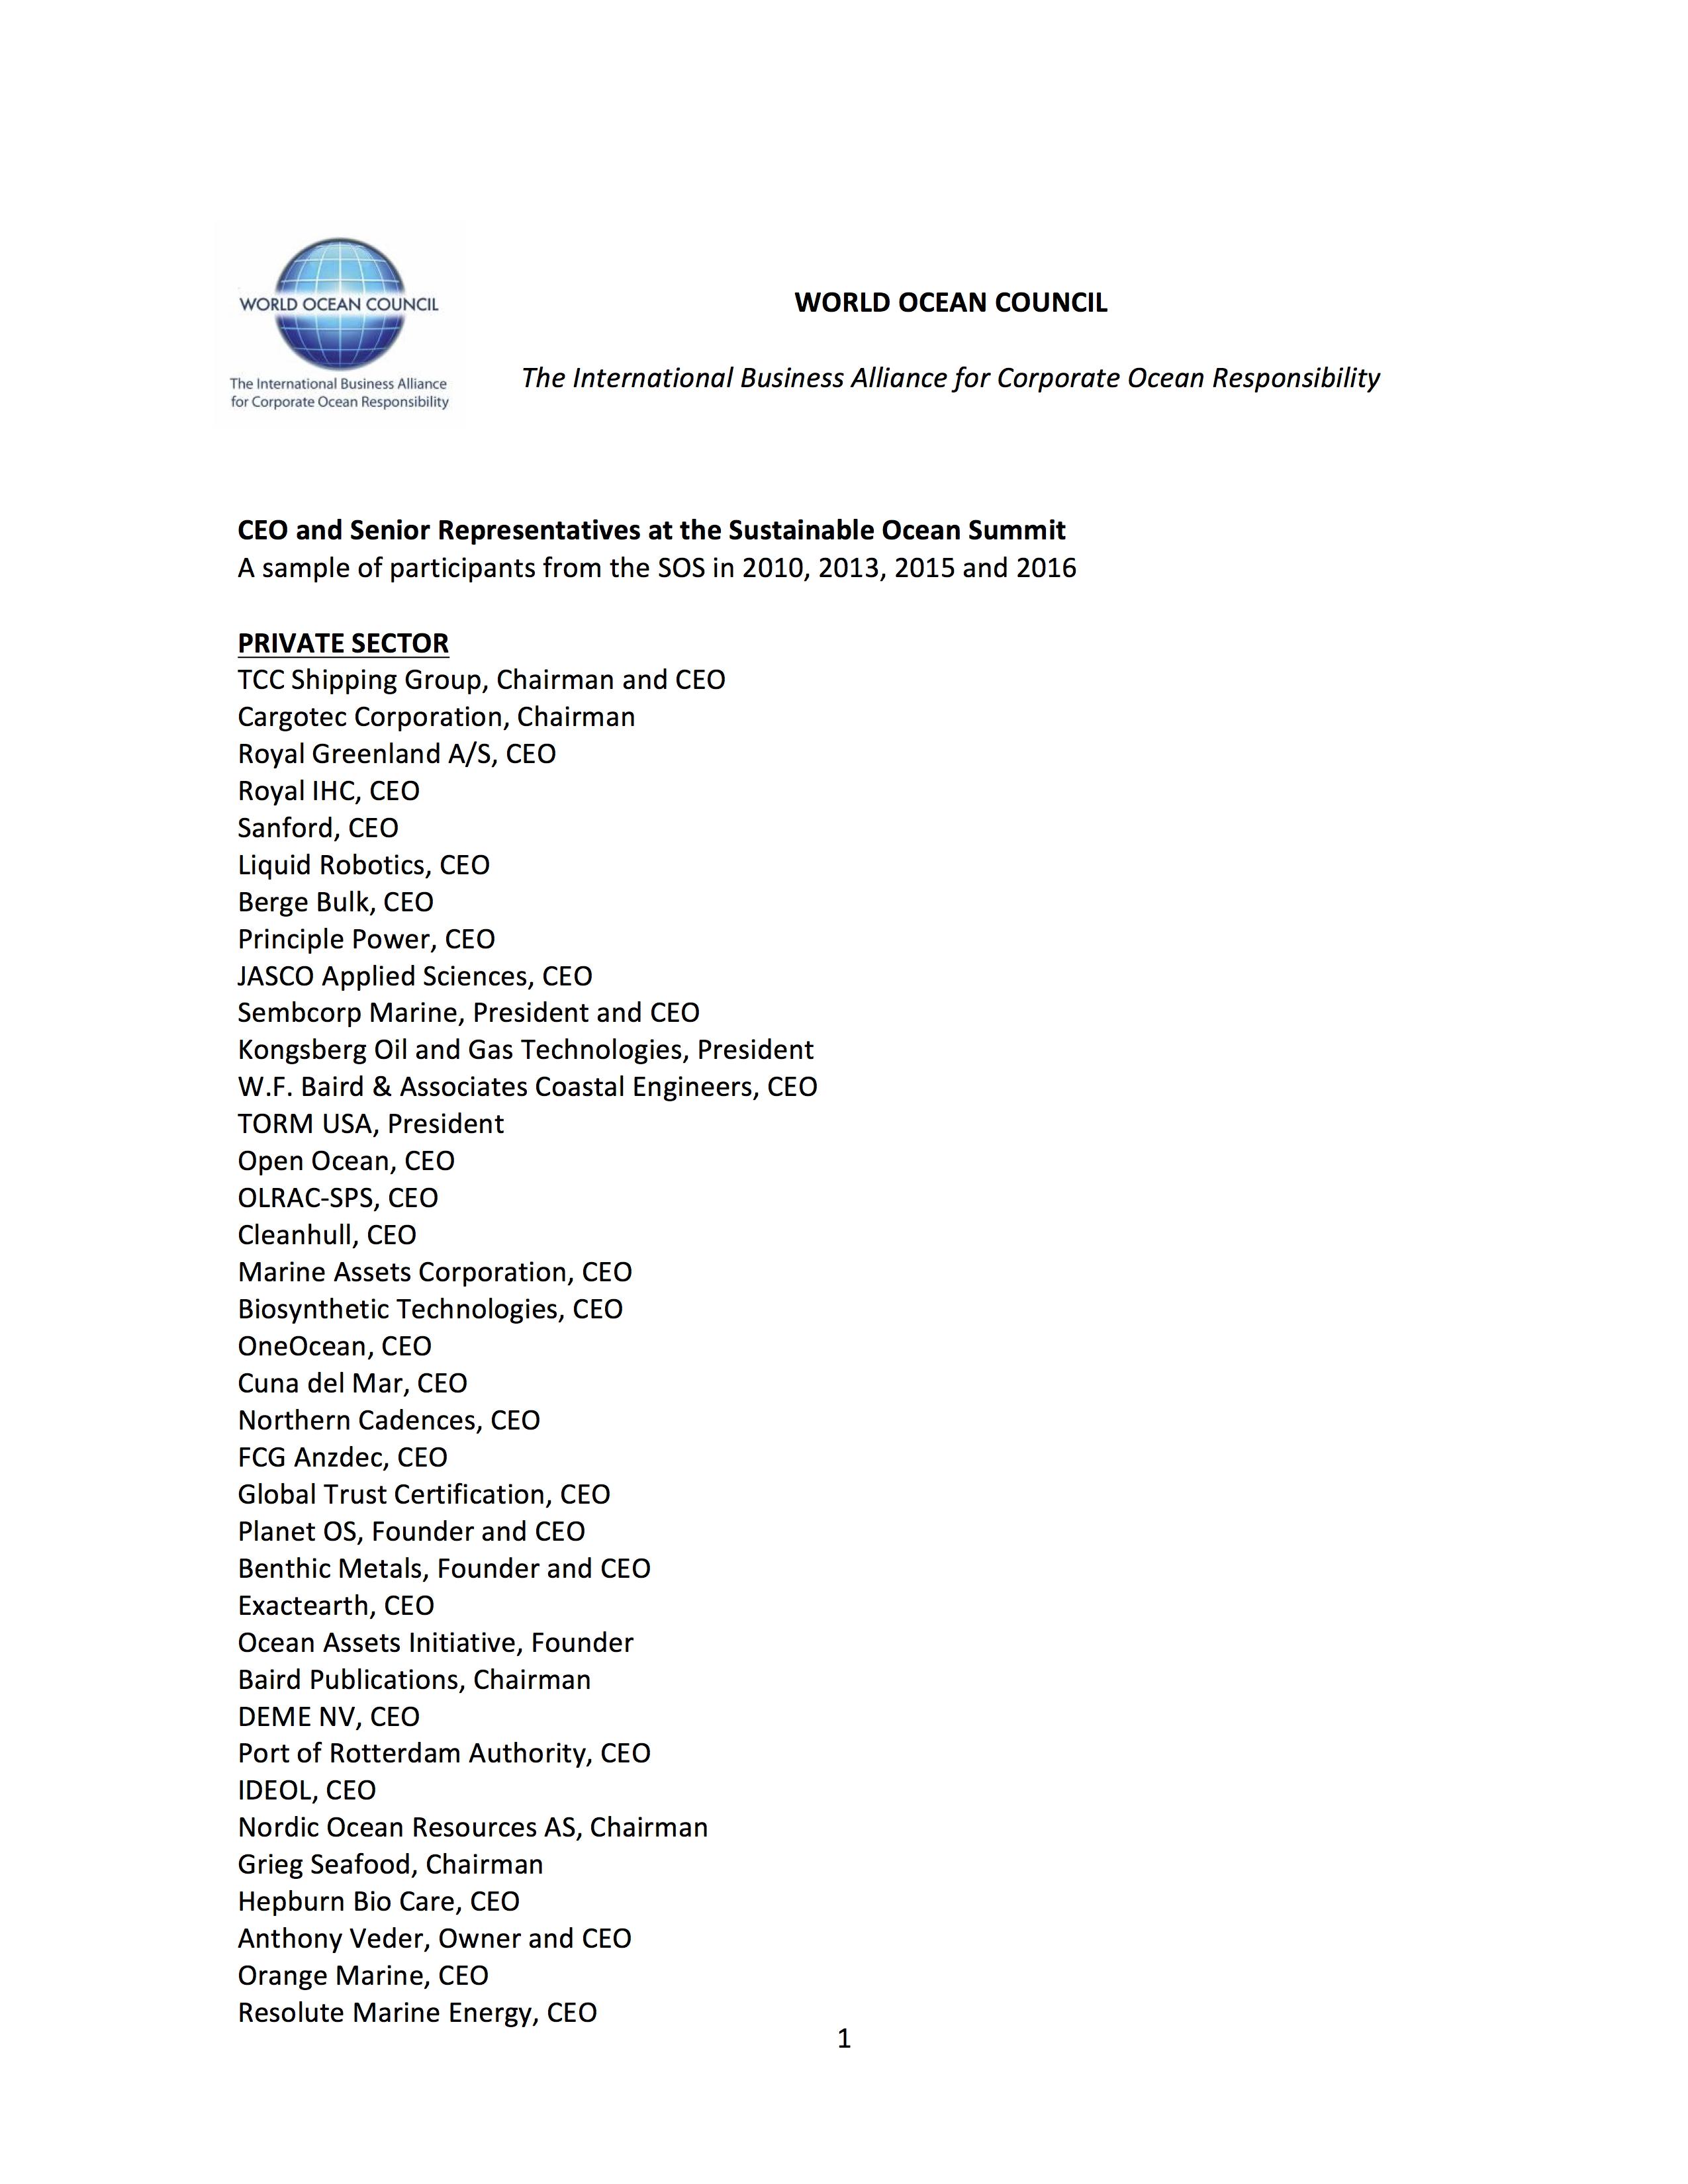 CEOs and Senior Representatives at SOS 2010, 2013, 2015 and 2016